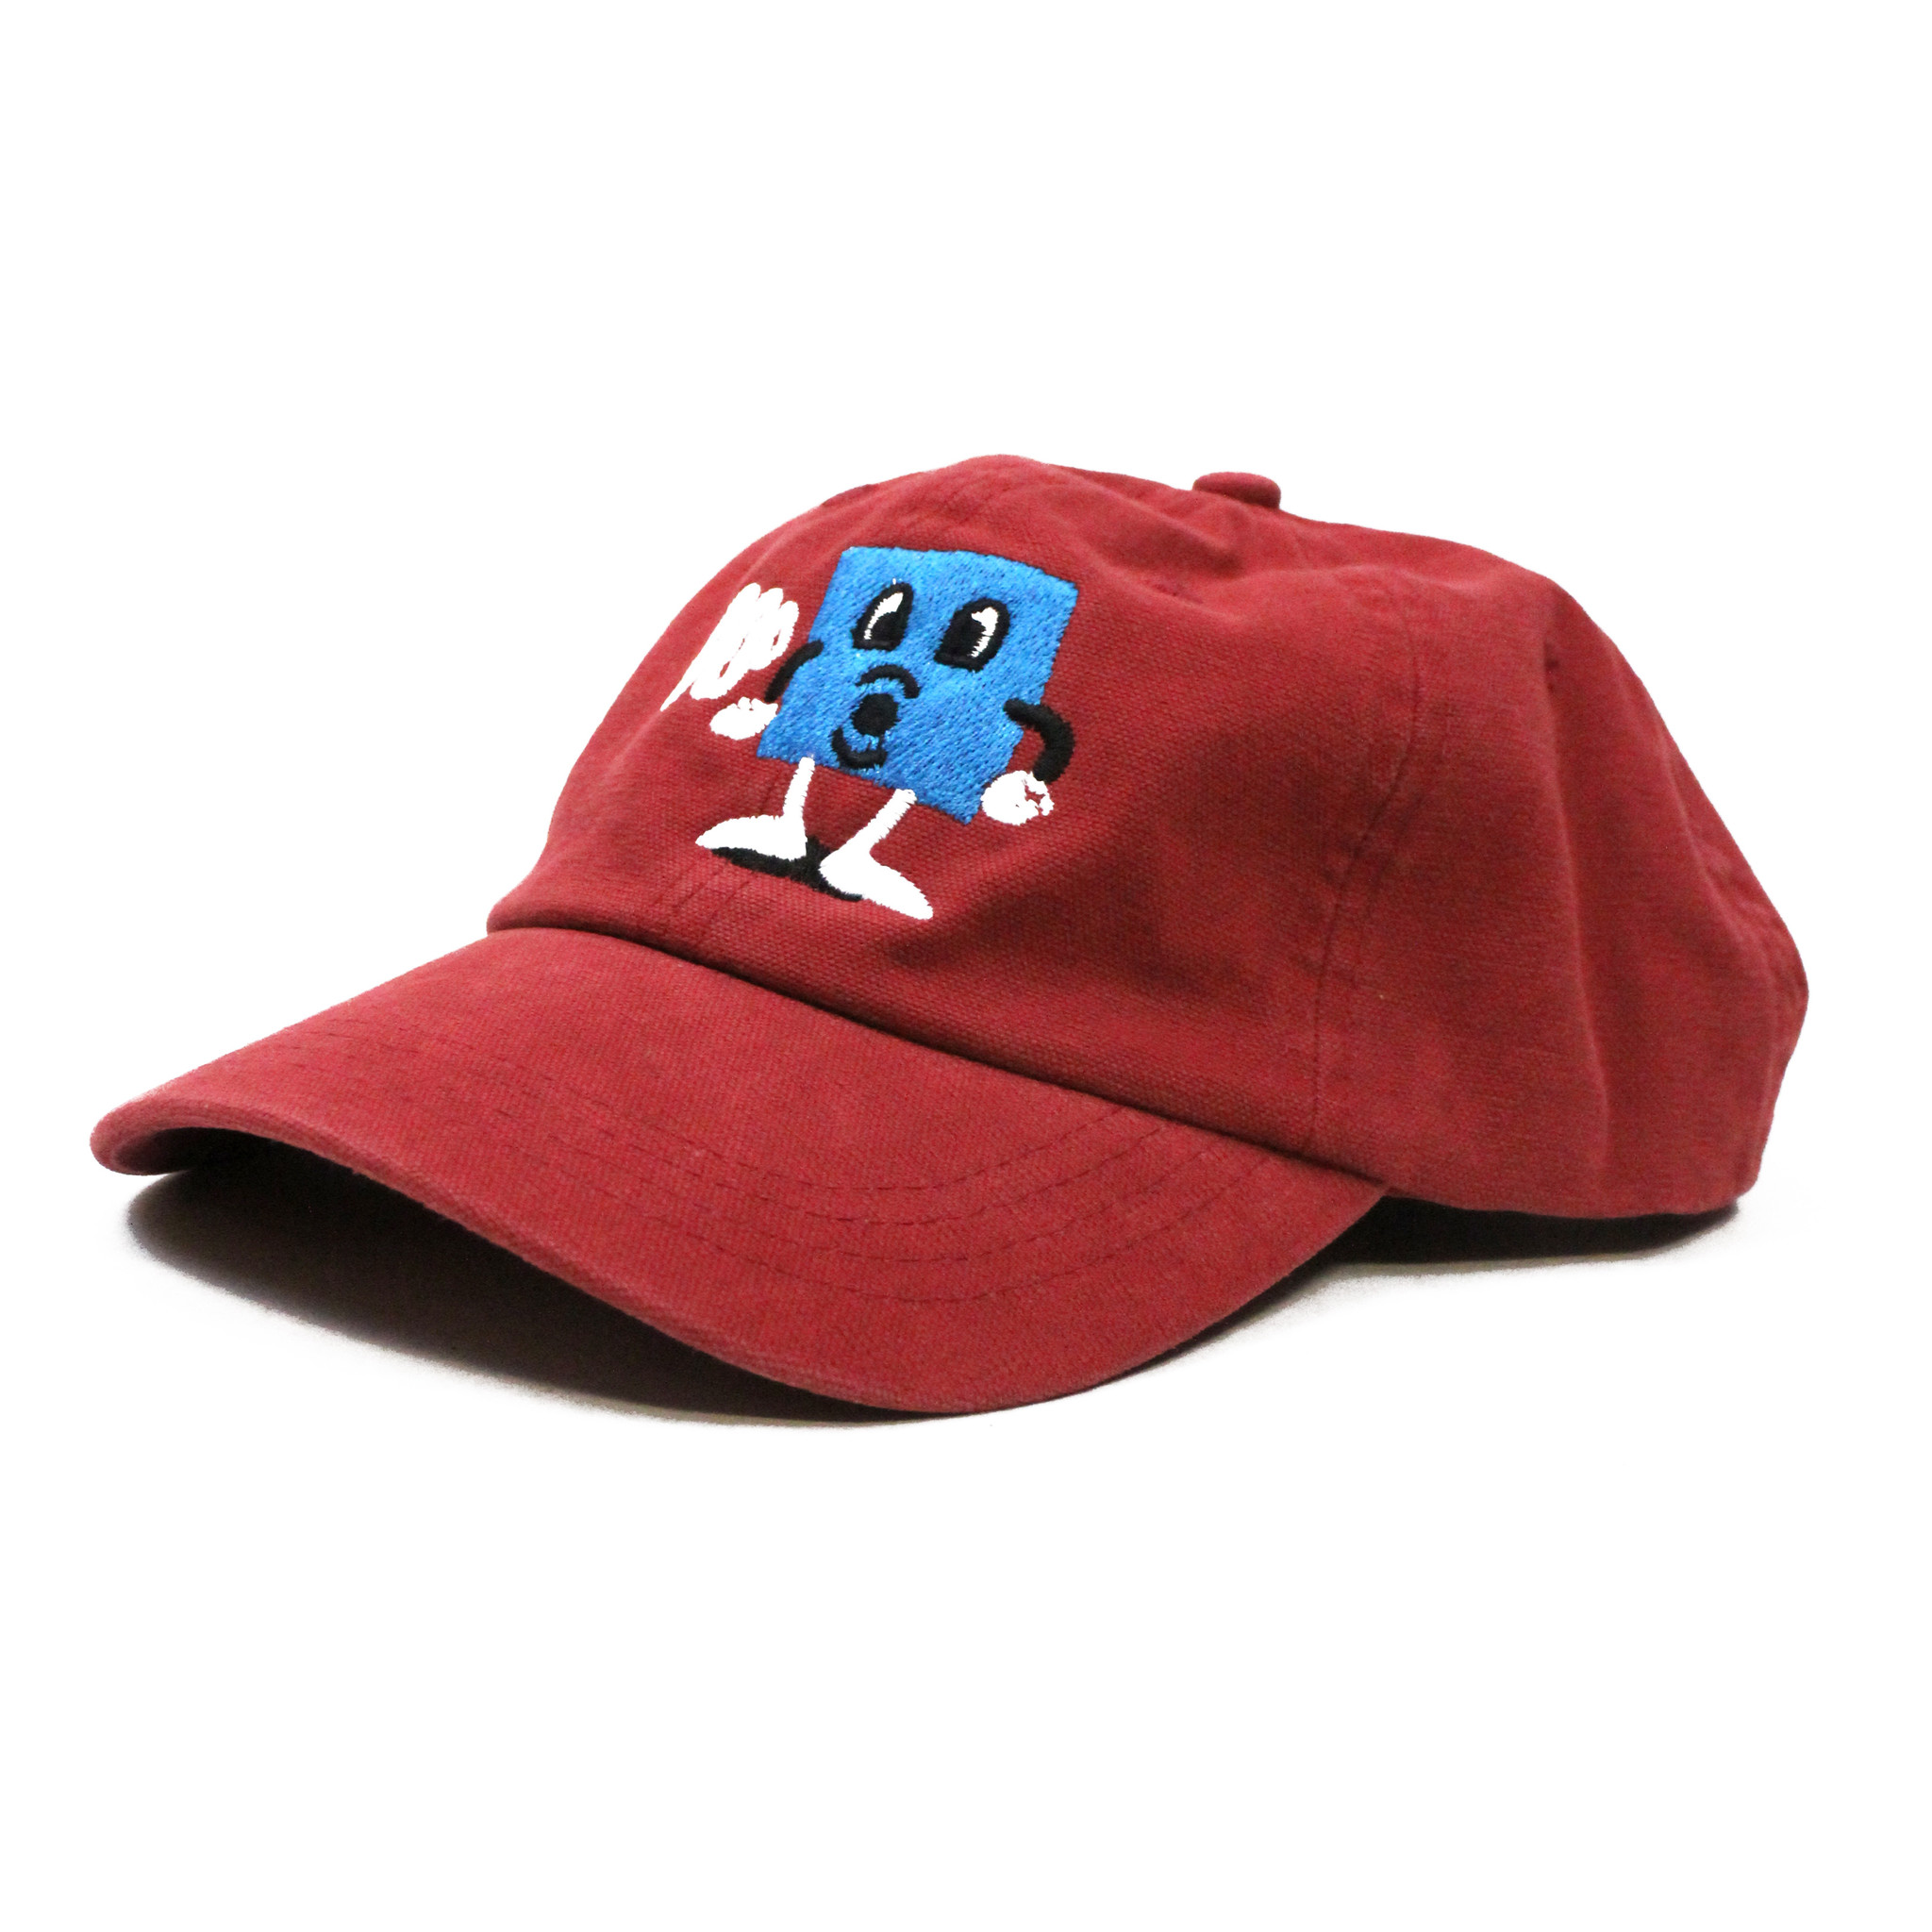 BLUETILE BLUETILE PUFF SQUARE DAD HAT ANTIQUE RED